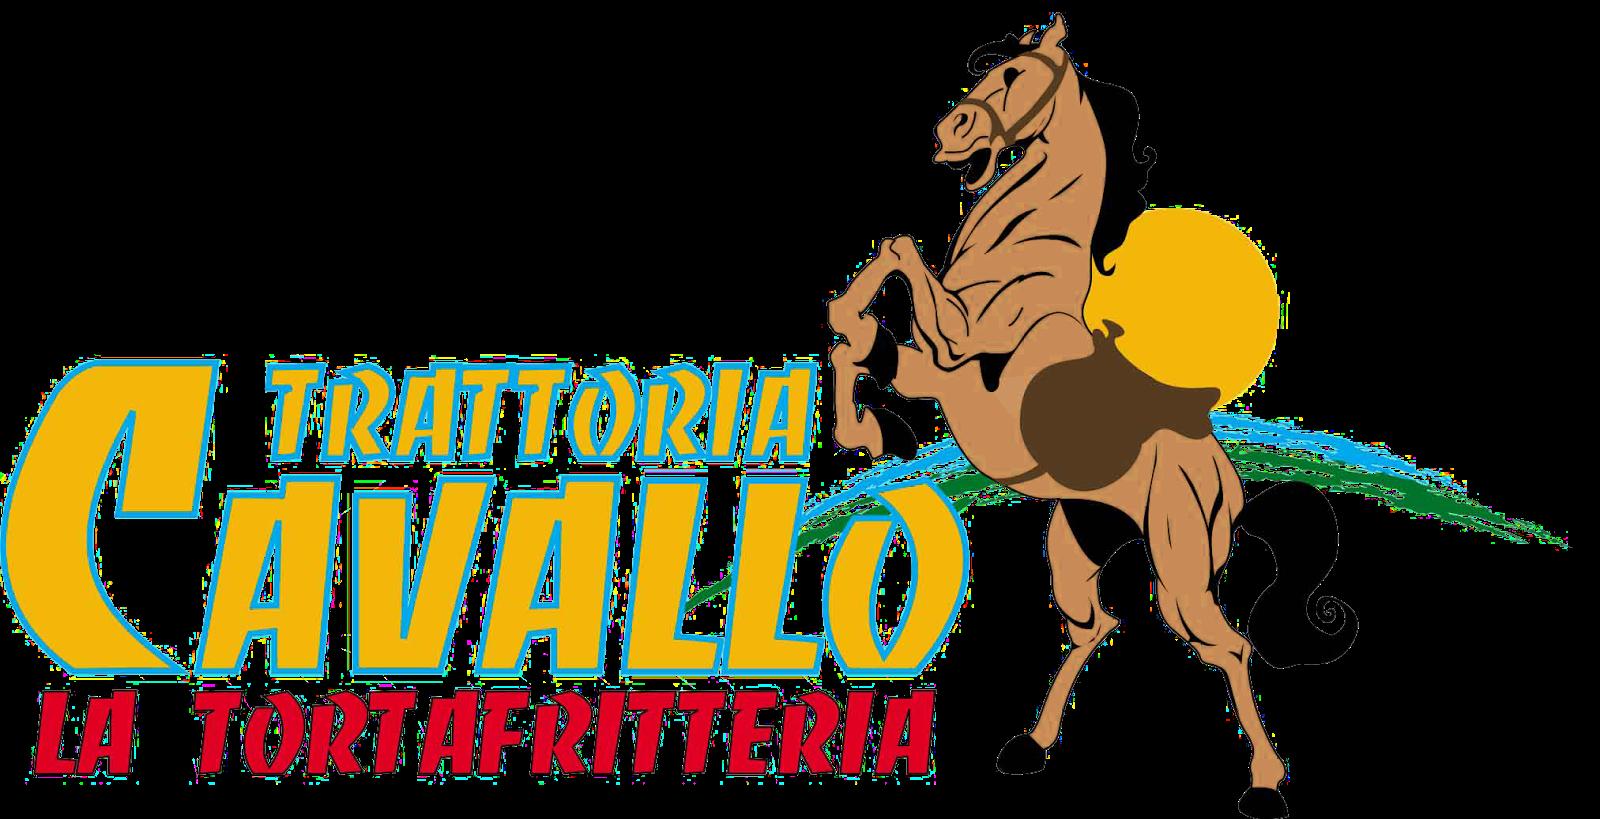 Trattoria Cavallo - La Tortafritteria